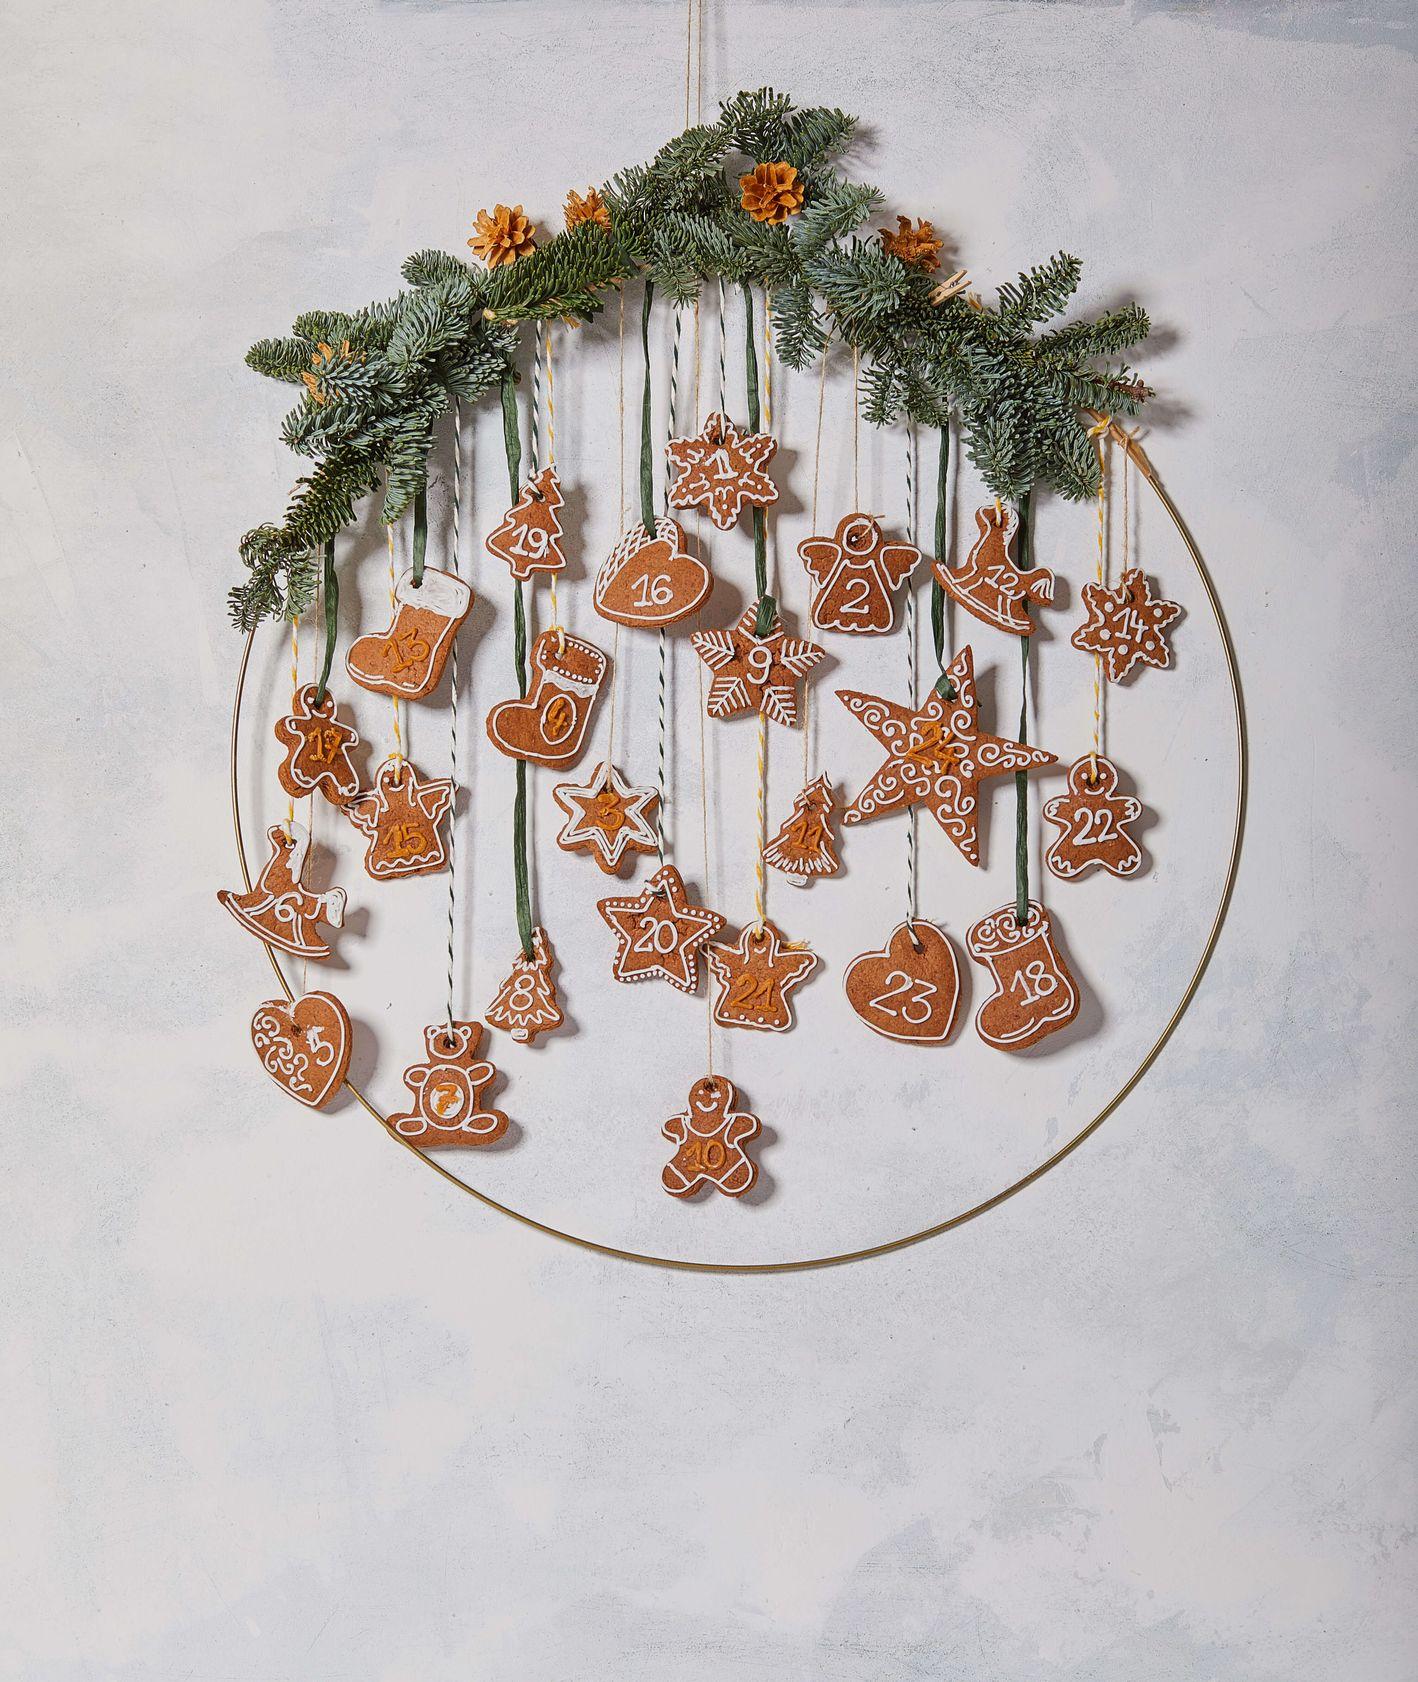 pomysły na kalendarze adwentowe DIY - jadalne pierniczki (fot. Maciek Niemojewski)